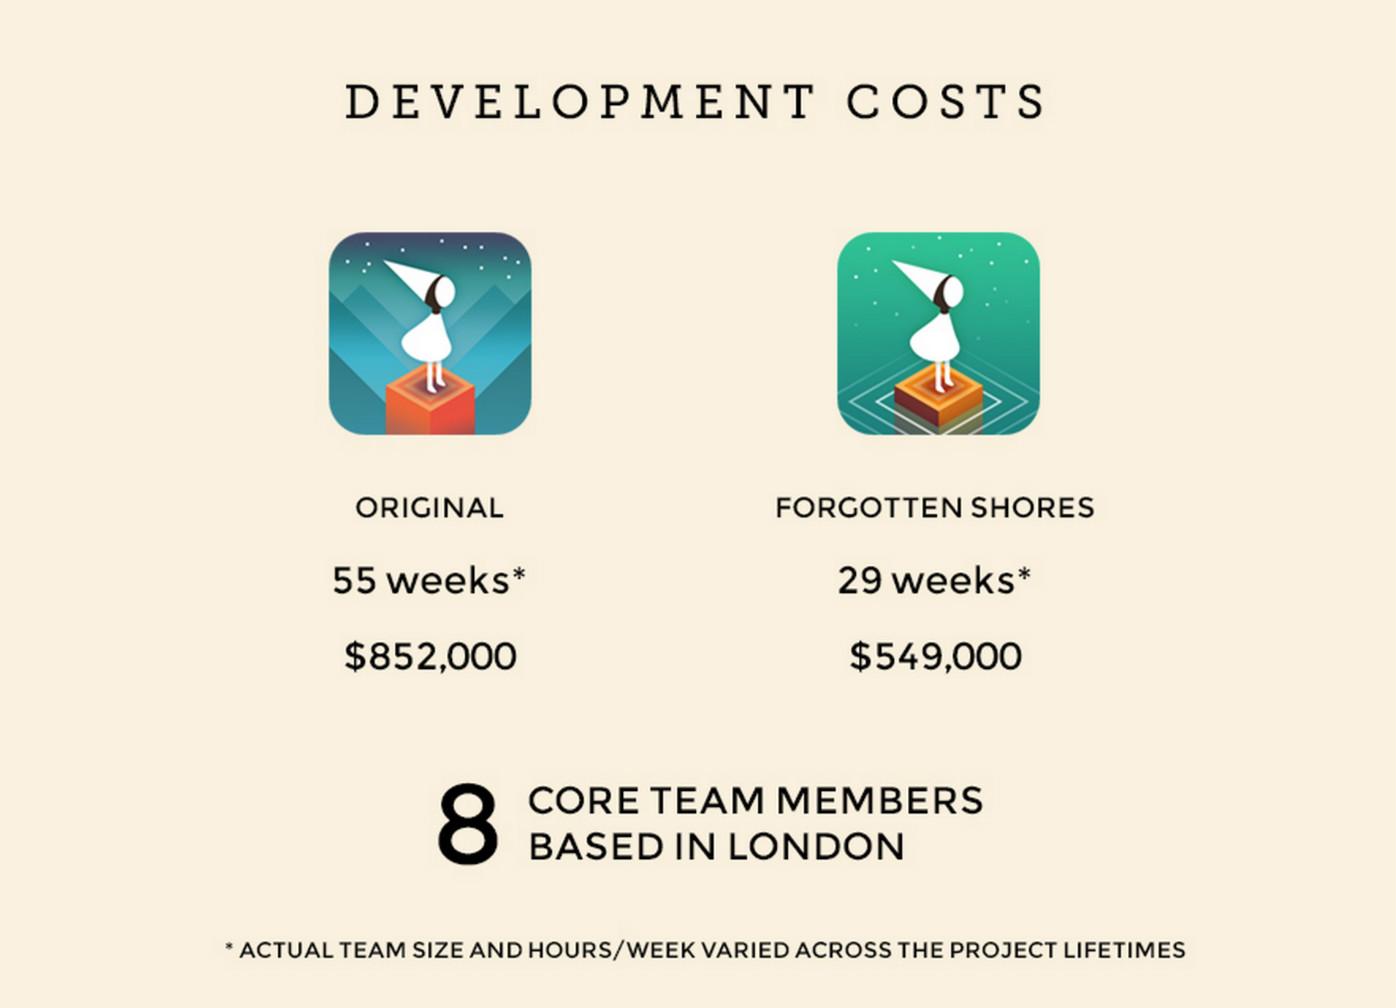 纪念碑谷告诉你开发一款优雅的游戏要花多少钱